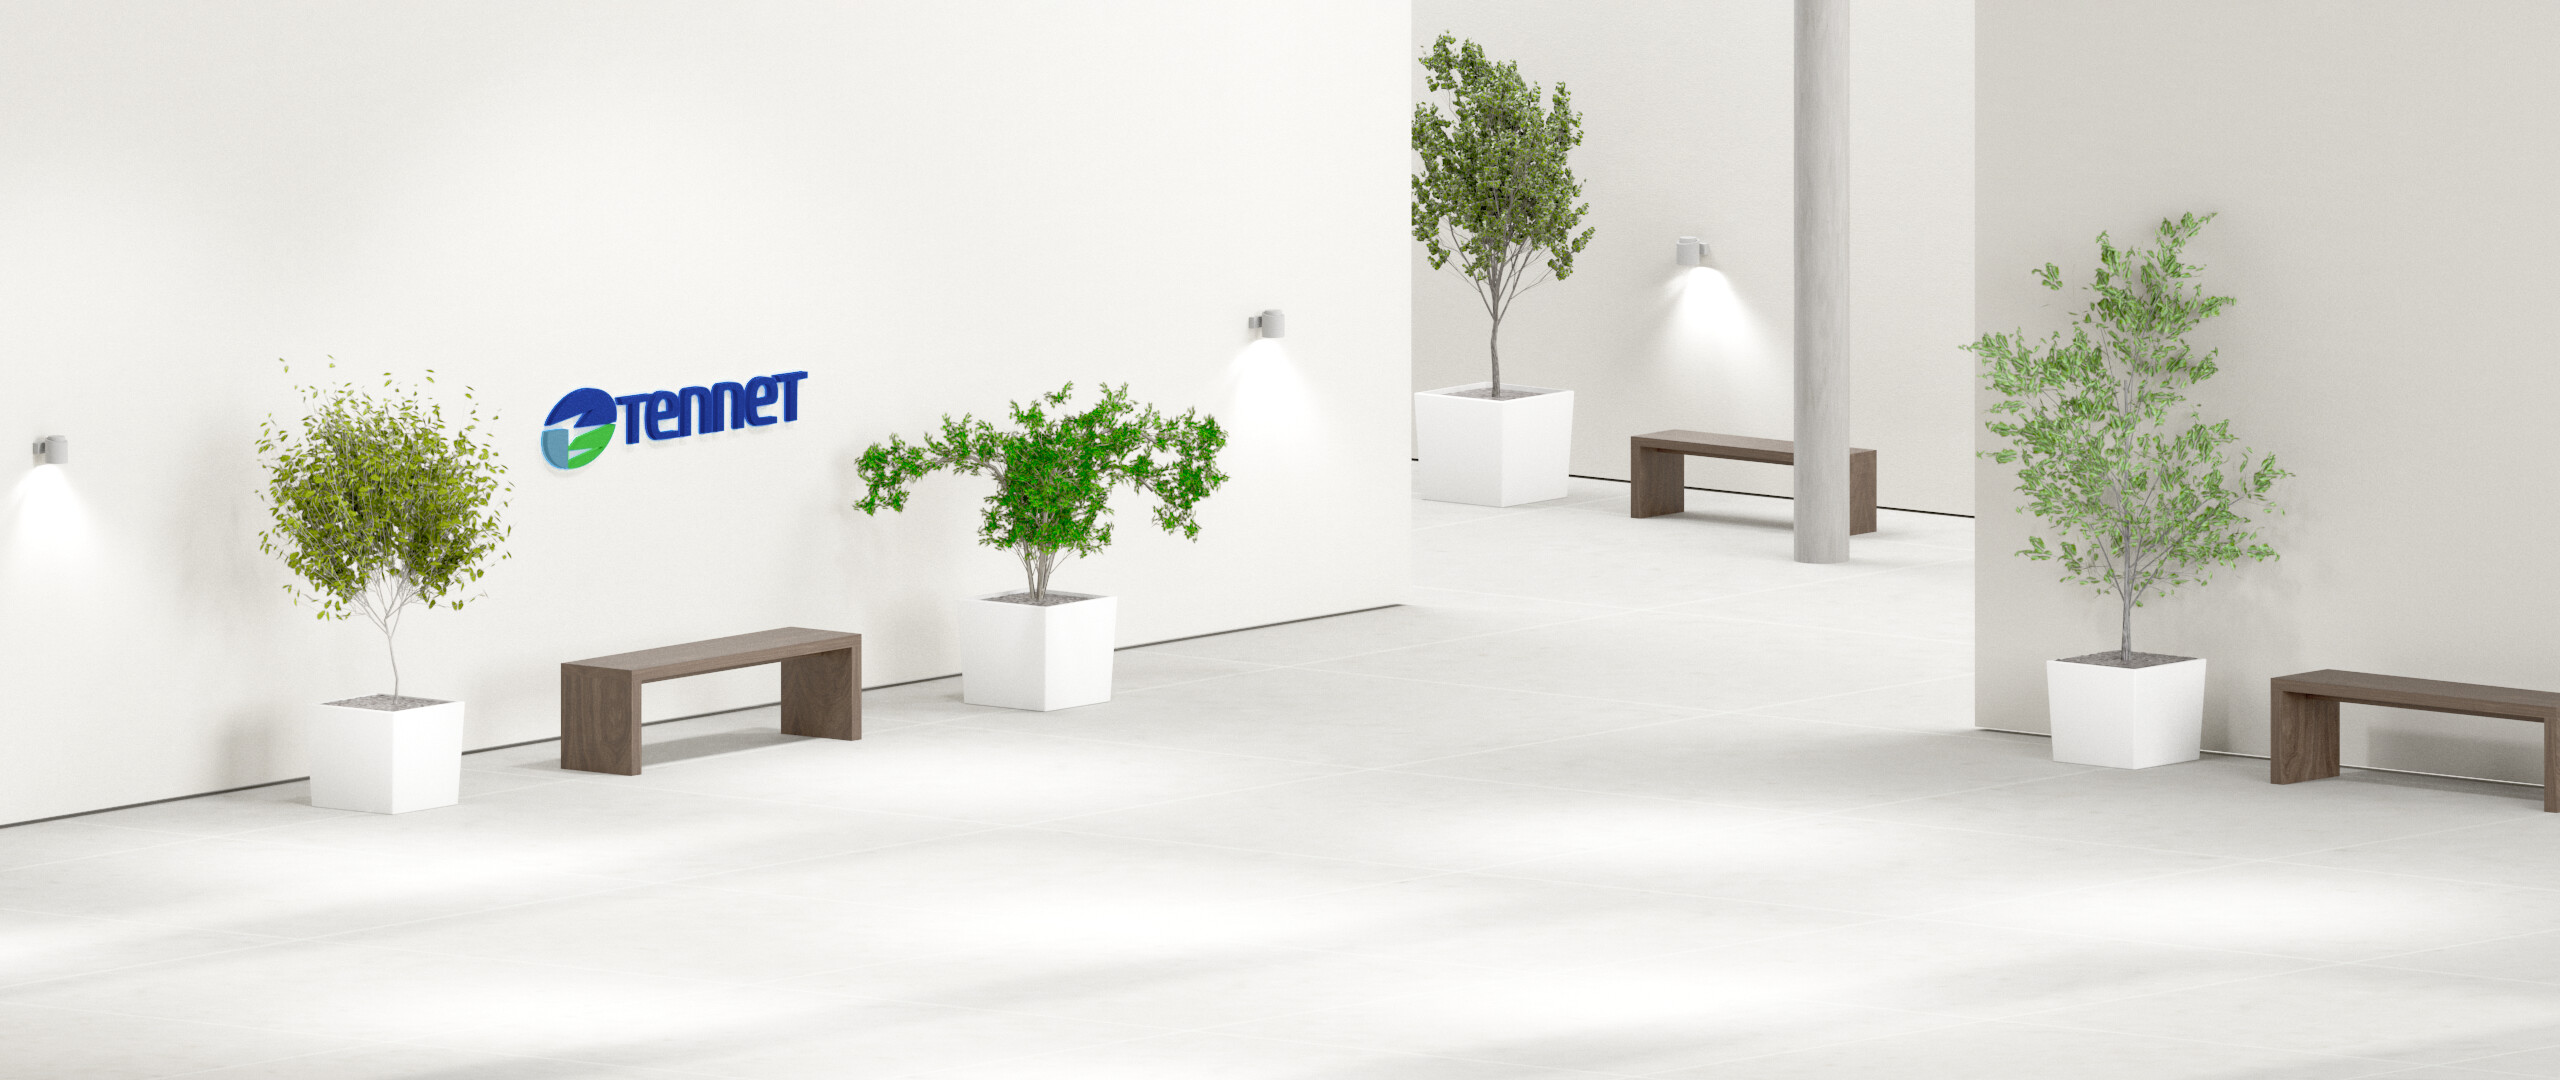 Raum mit Pflanzen und TenneT-Logo an der Wand